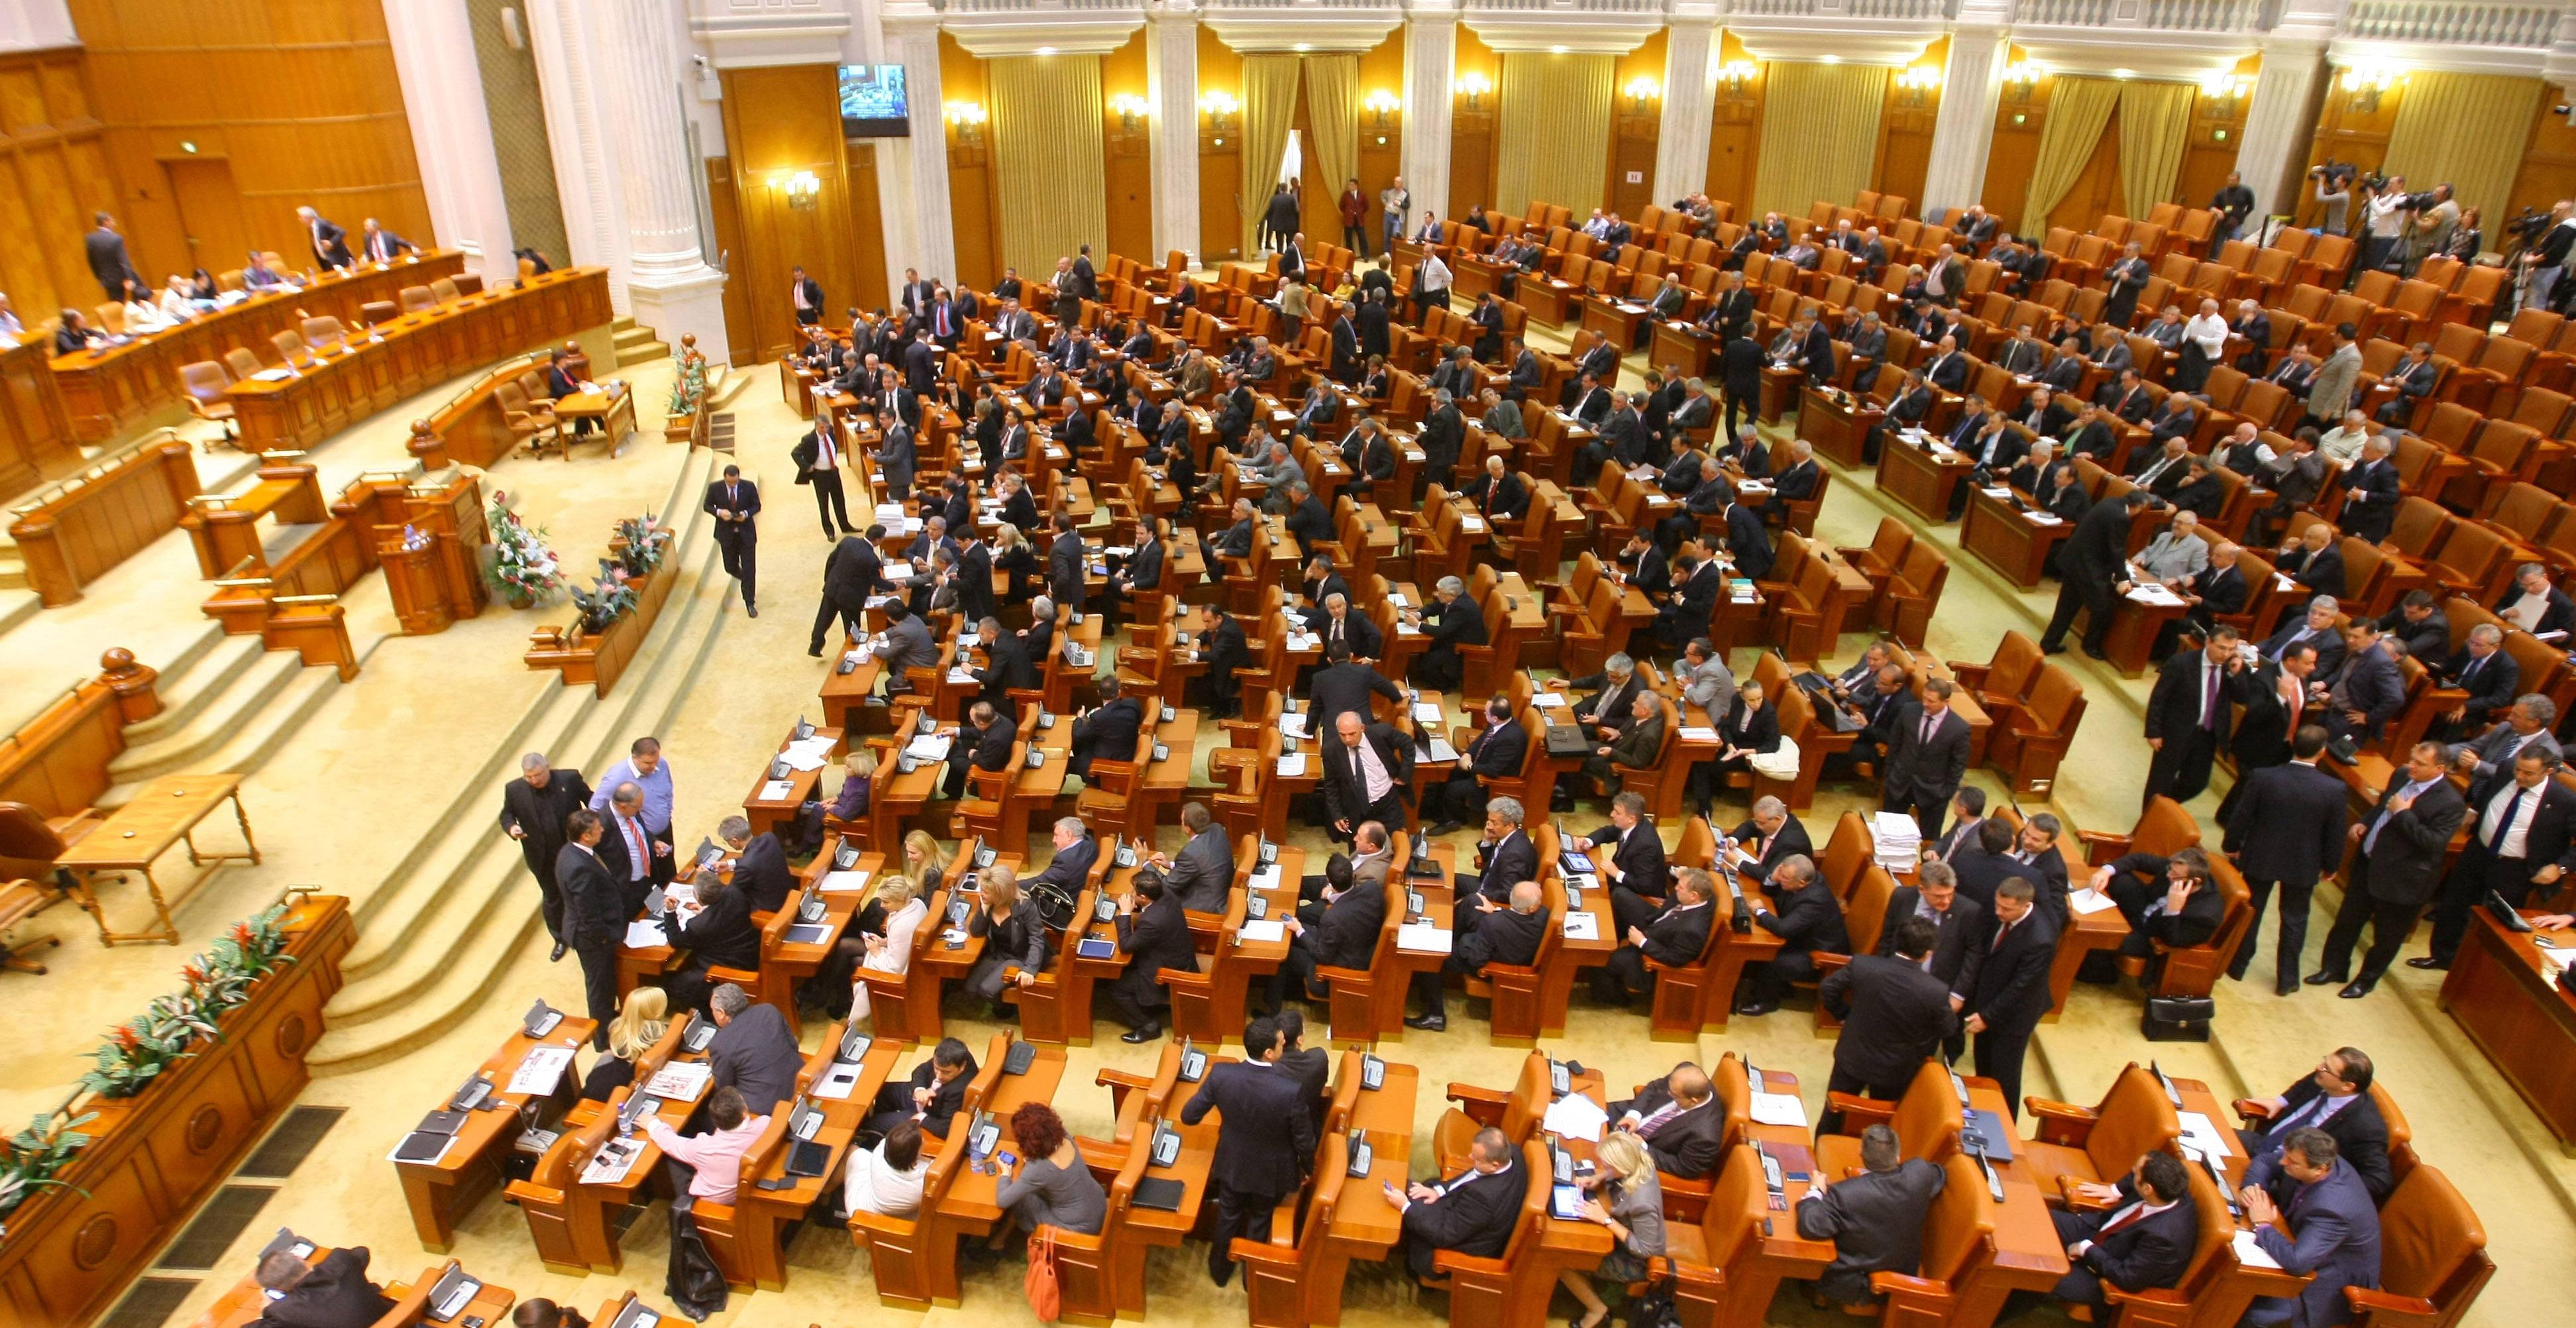 Parlamentarii, fruntasi la călătorii peste hotare